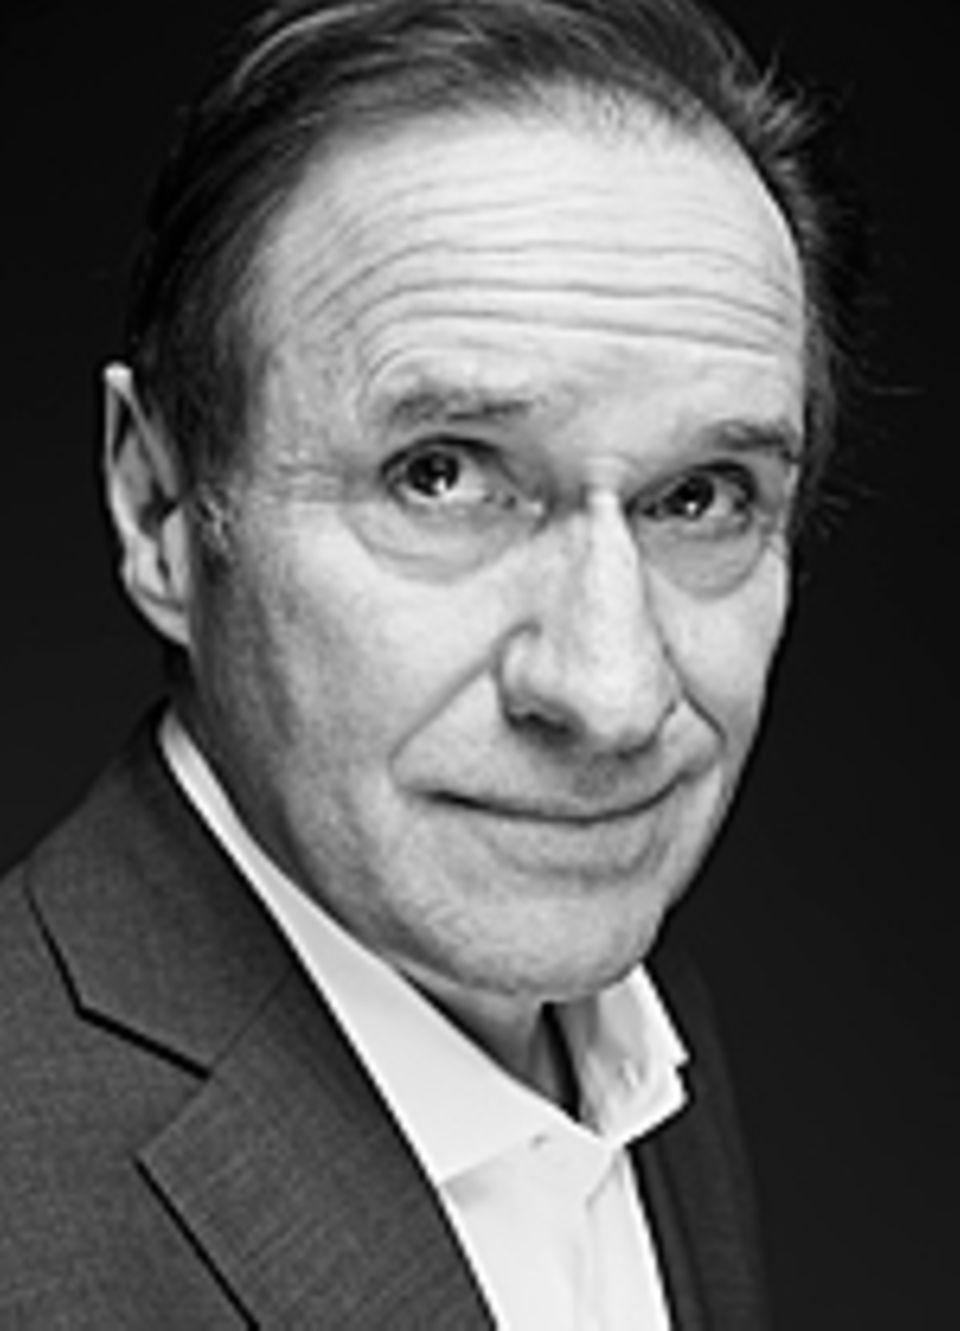 """Zukunft: Schon vor 20 Jahren fragte Reiner Klingholz in seinem Buch """"Wahnsinn Wachstum"""", wie viel Mensch die Erde erträgt. Damals war er noch Wissenschaftsjournalist (bei GEO), 2003 wechselte er in die Forschung. Als Direktor des Berlin-Instituts für Bevölkerung und Entwicklung stößt er seither unbequeme Debatten an"""